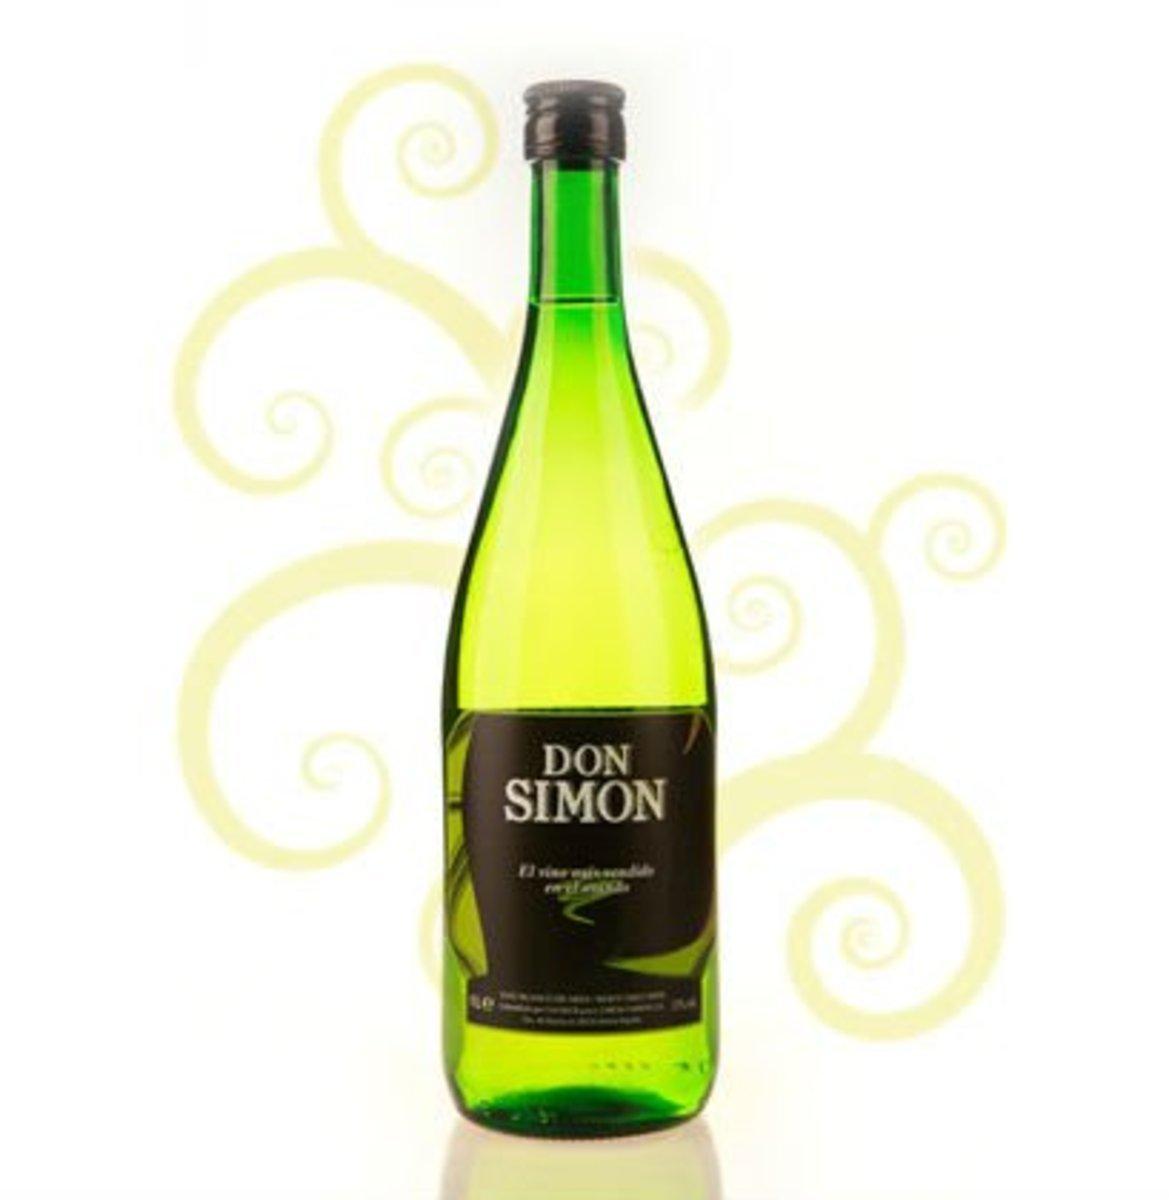 Don Simon (1 Litre bottle) Sangria Wine White